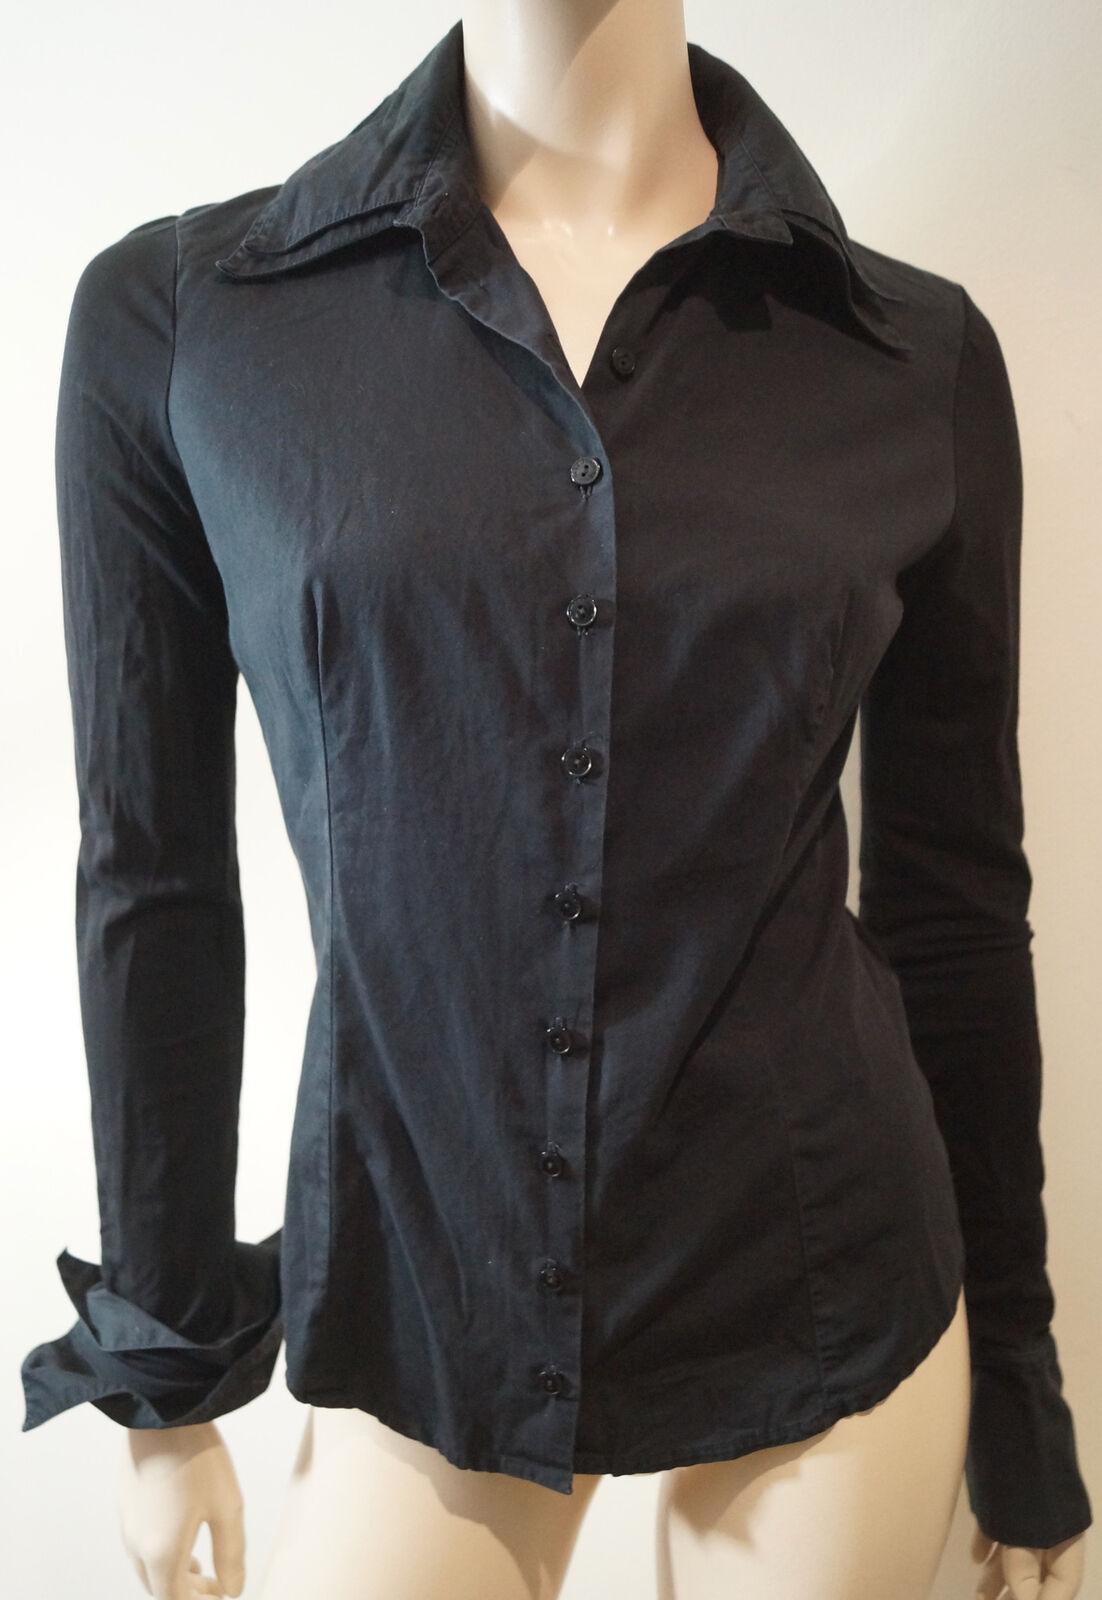 Anne Fontaine da donna nero nero nero Alison Cotone Pima Con Colletto Blusa FR38 UK8 1764f6